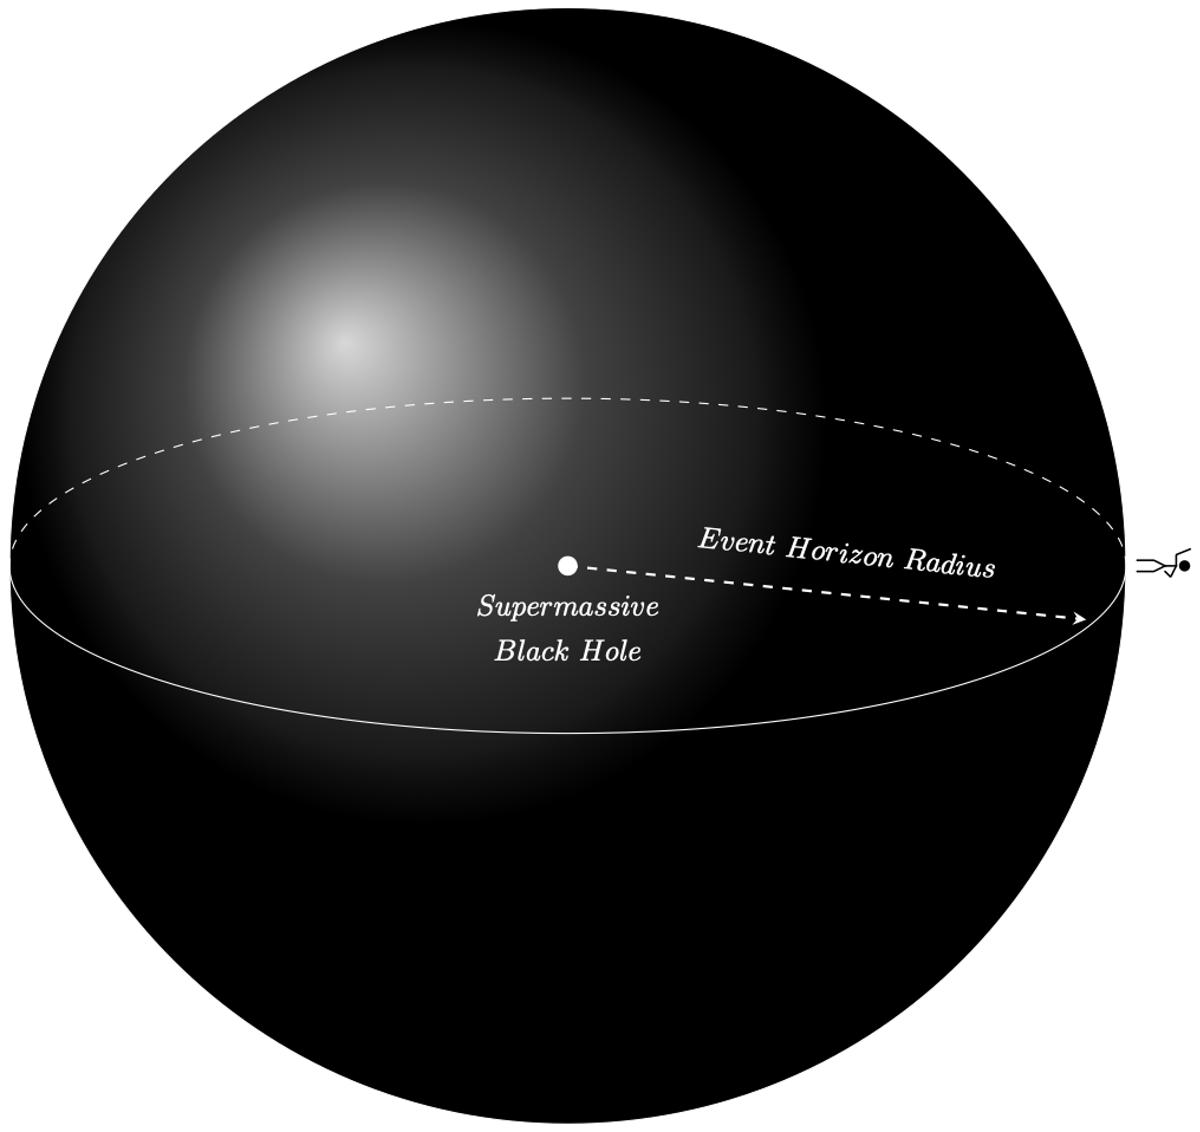 Une personne tombant dans un trou noir supermassif survivrait probablement.